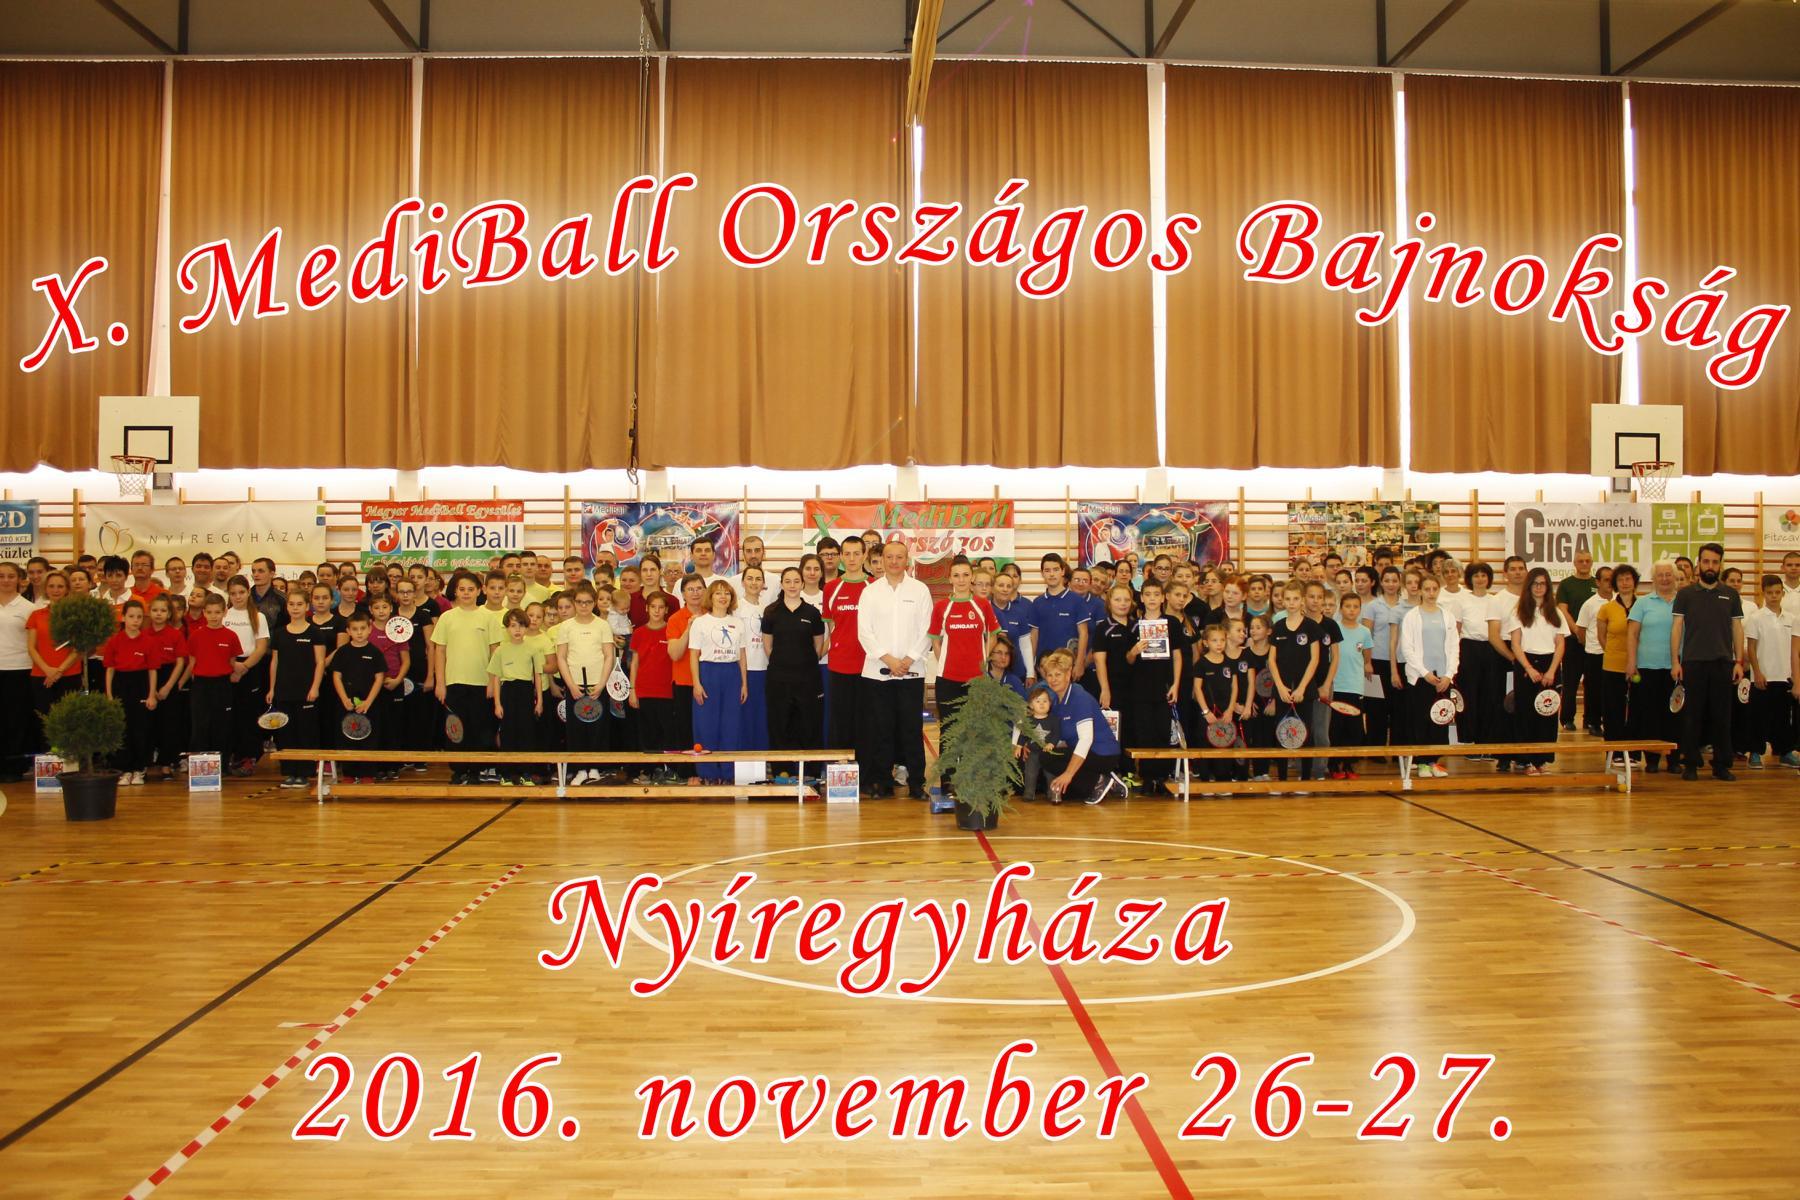 X. MediBall Országos Bajnokság 2016